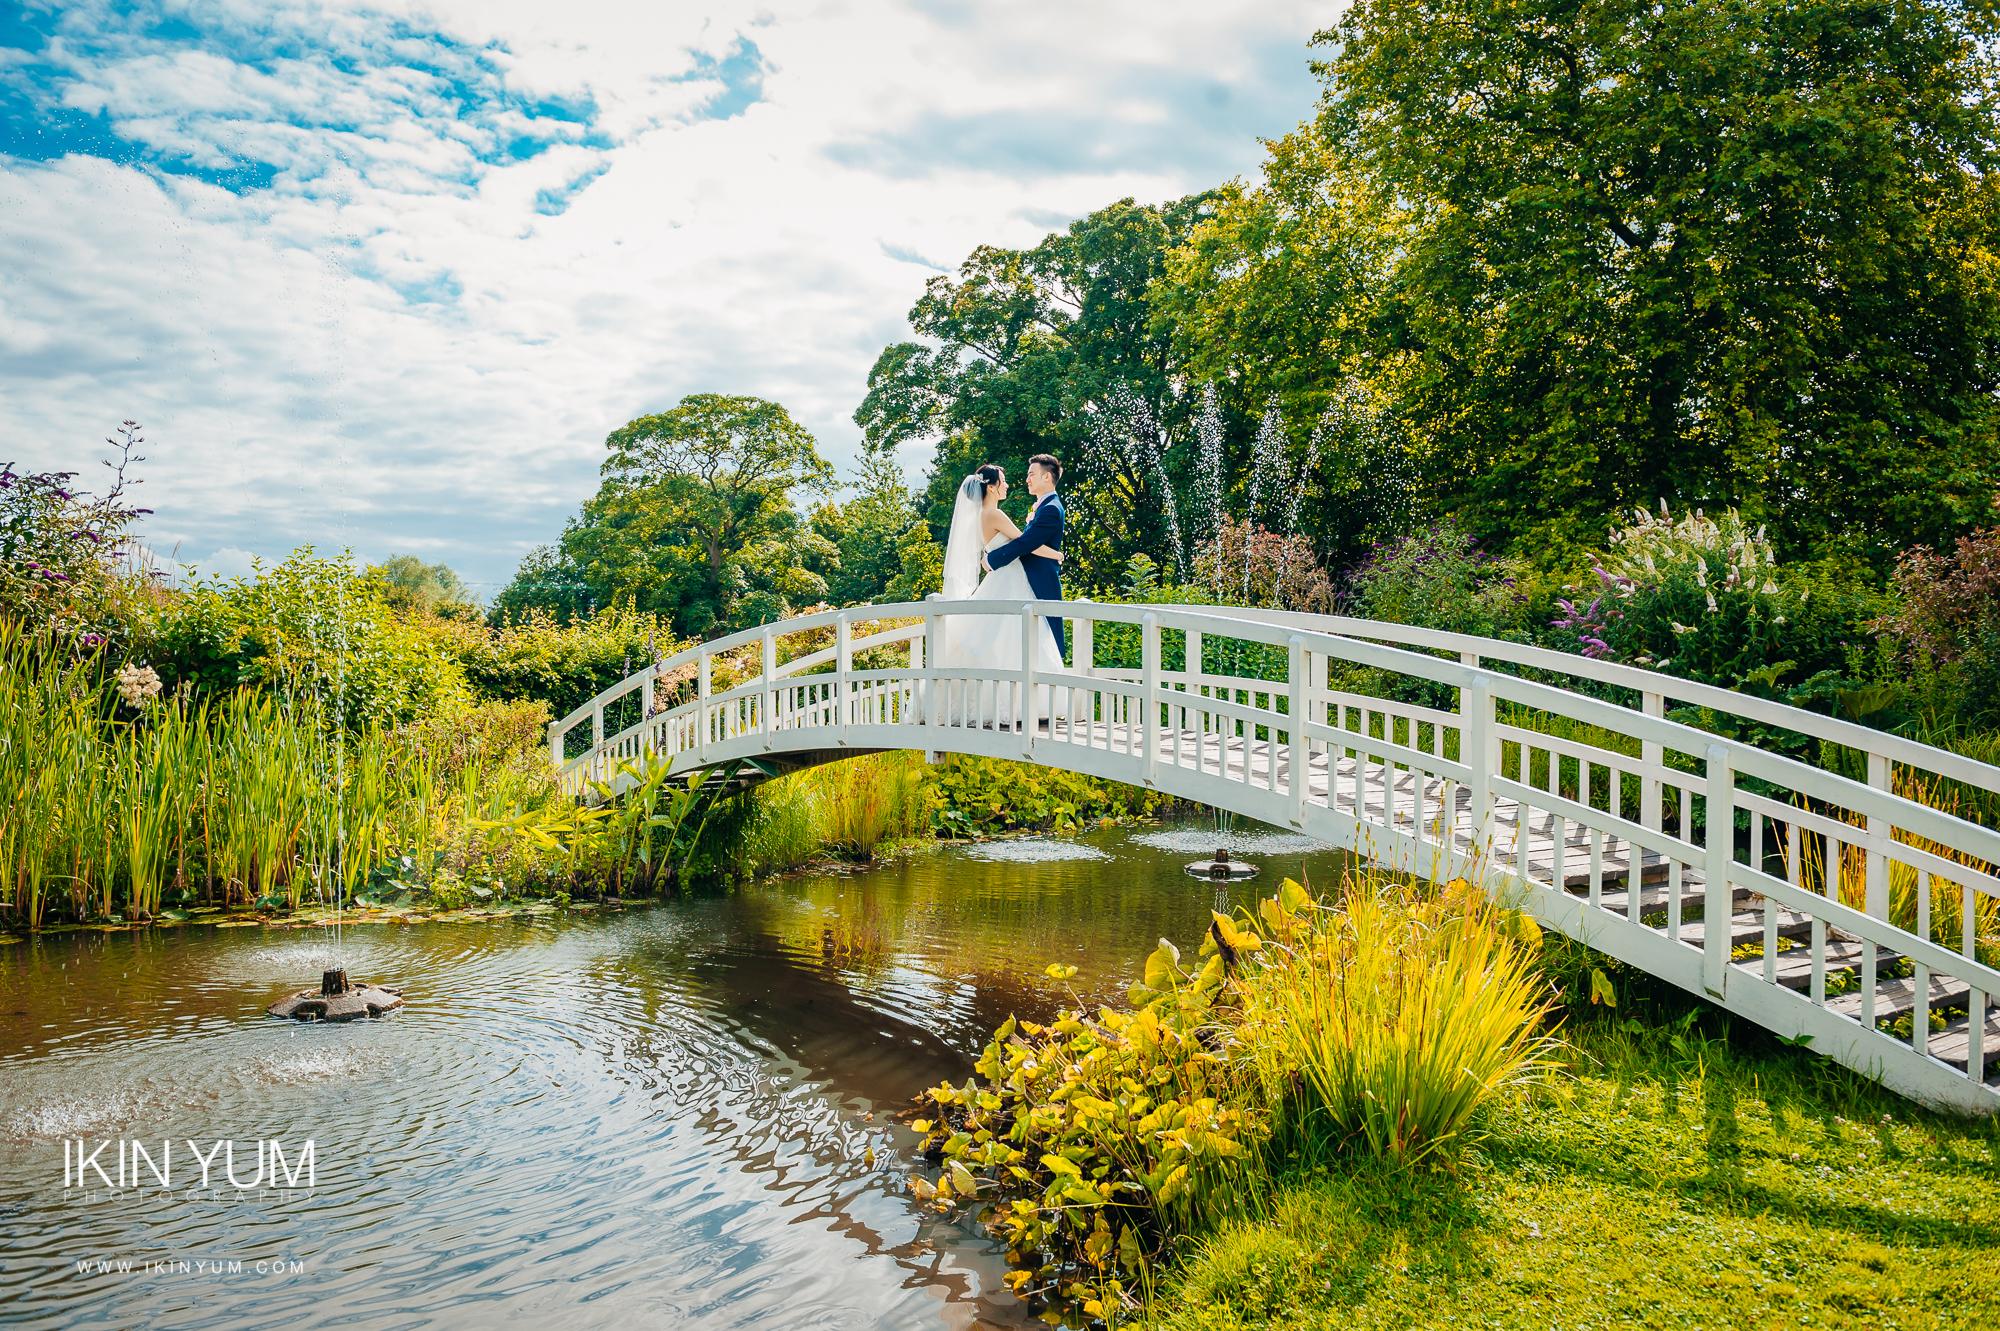 Sylvianne & Chun Wedding Day - Ikin Yum Photography-092.jpg